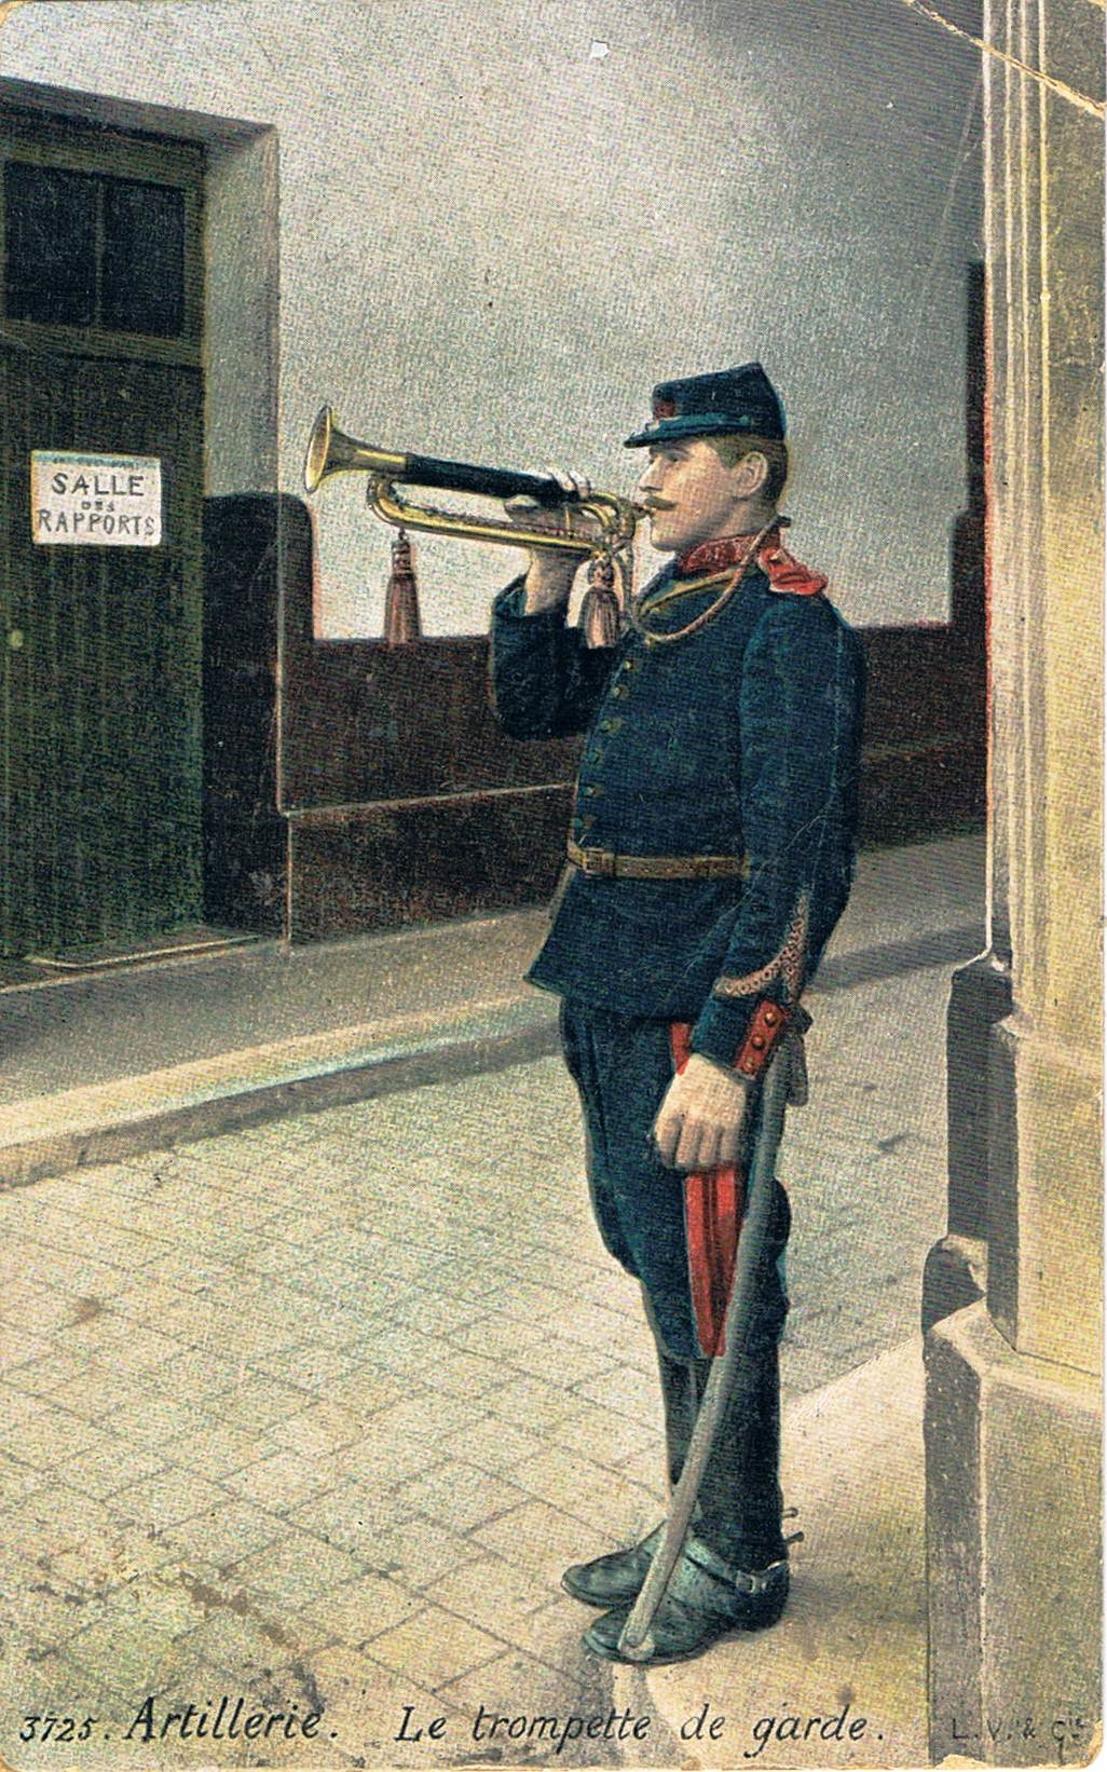 Artillerie trompette de garde